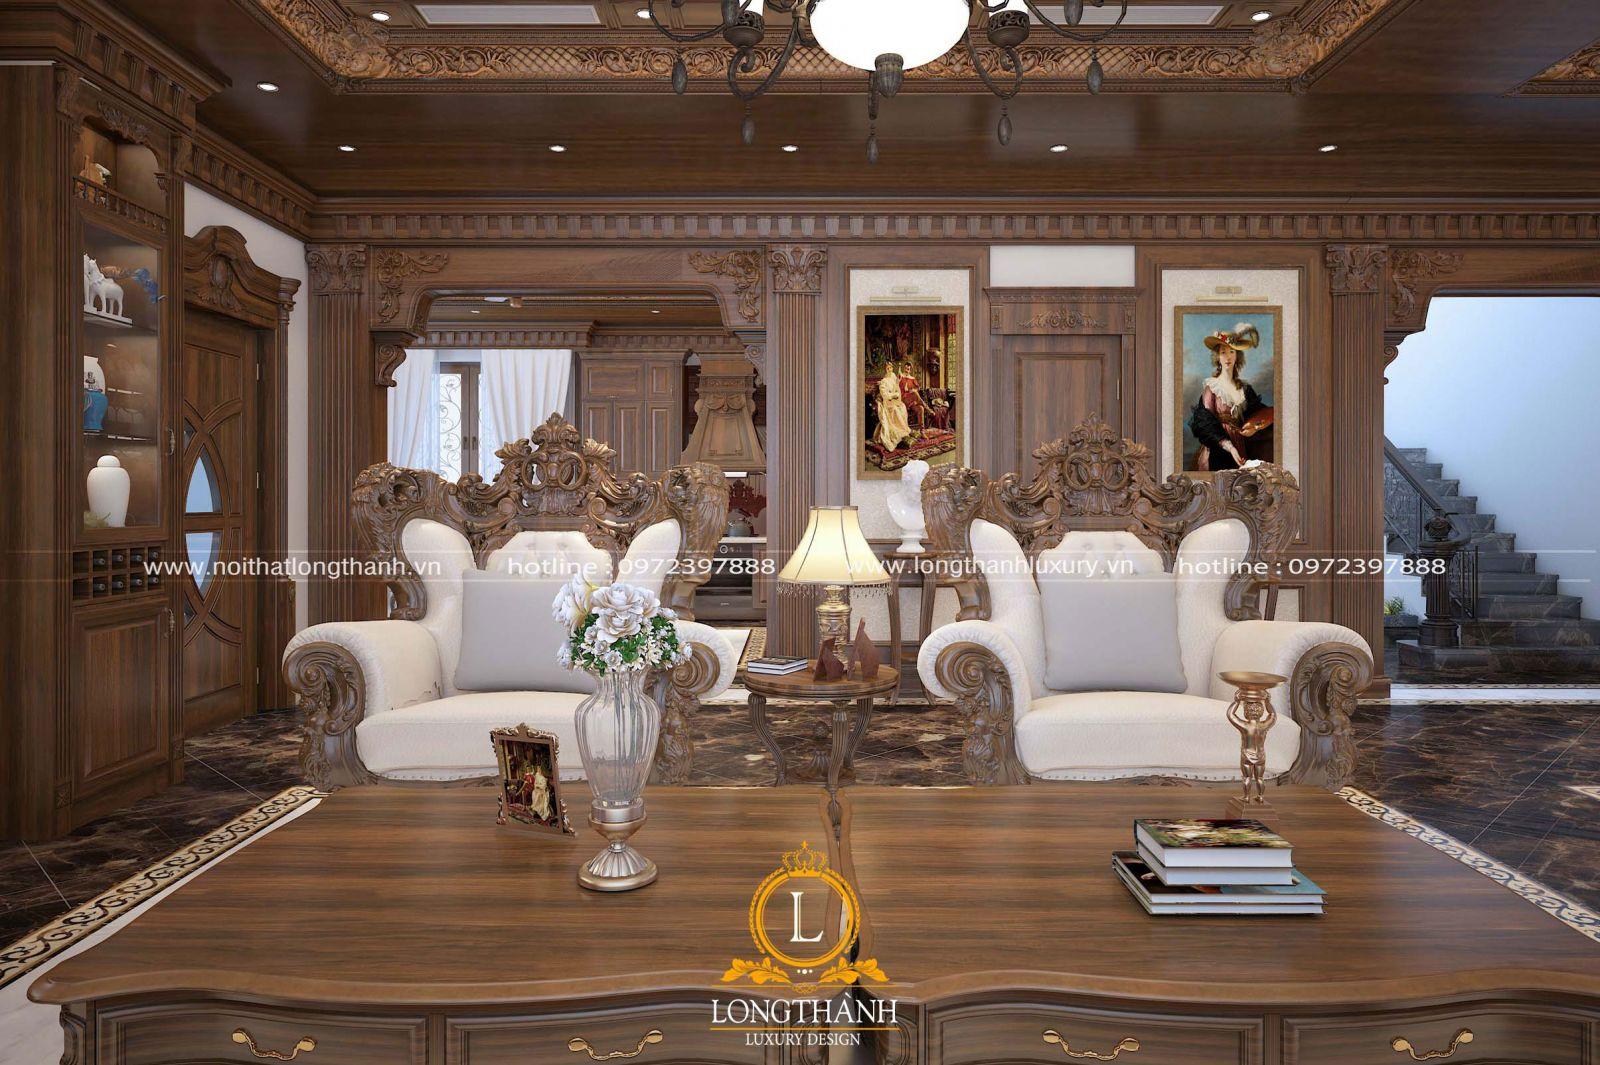 Sofa tân cổ điển gỗ gõ đỏ được coi là sang trọng nhất